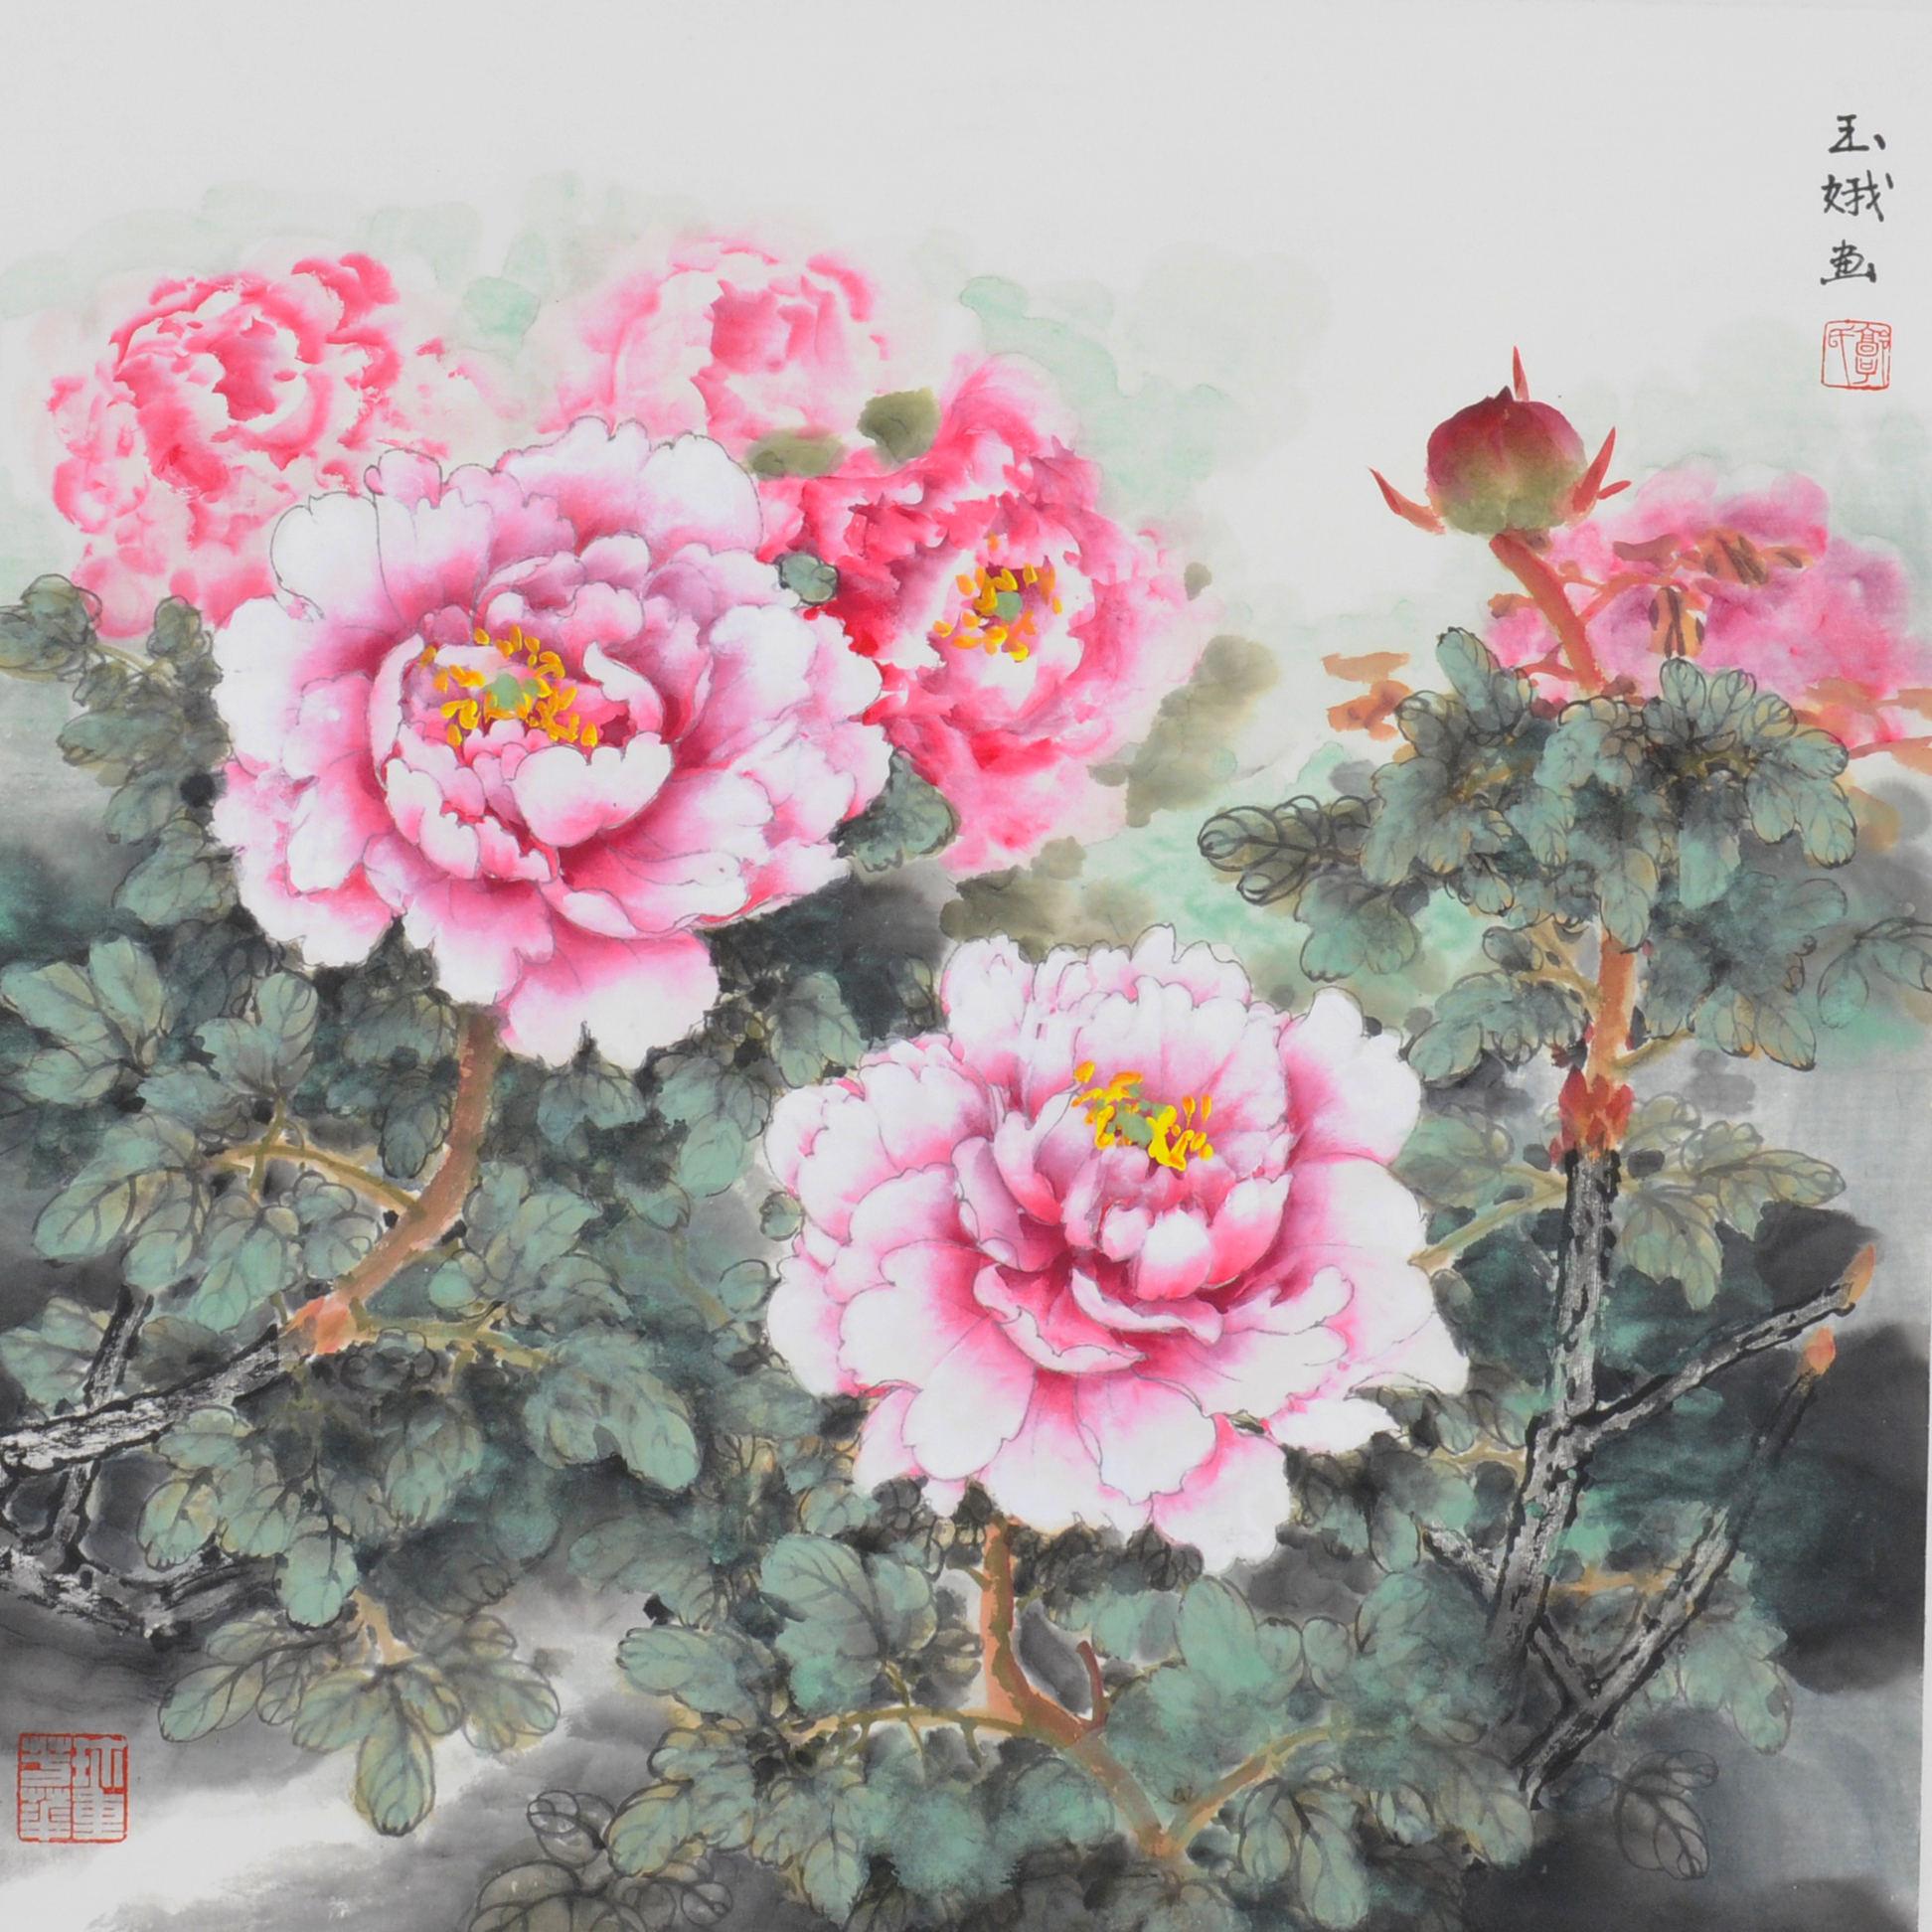 郭玉娥简历 2004年起师从著名花鸟画家叶泉先生学习及创作,并为叶泉艺术工作室助理。